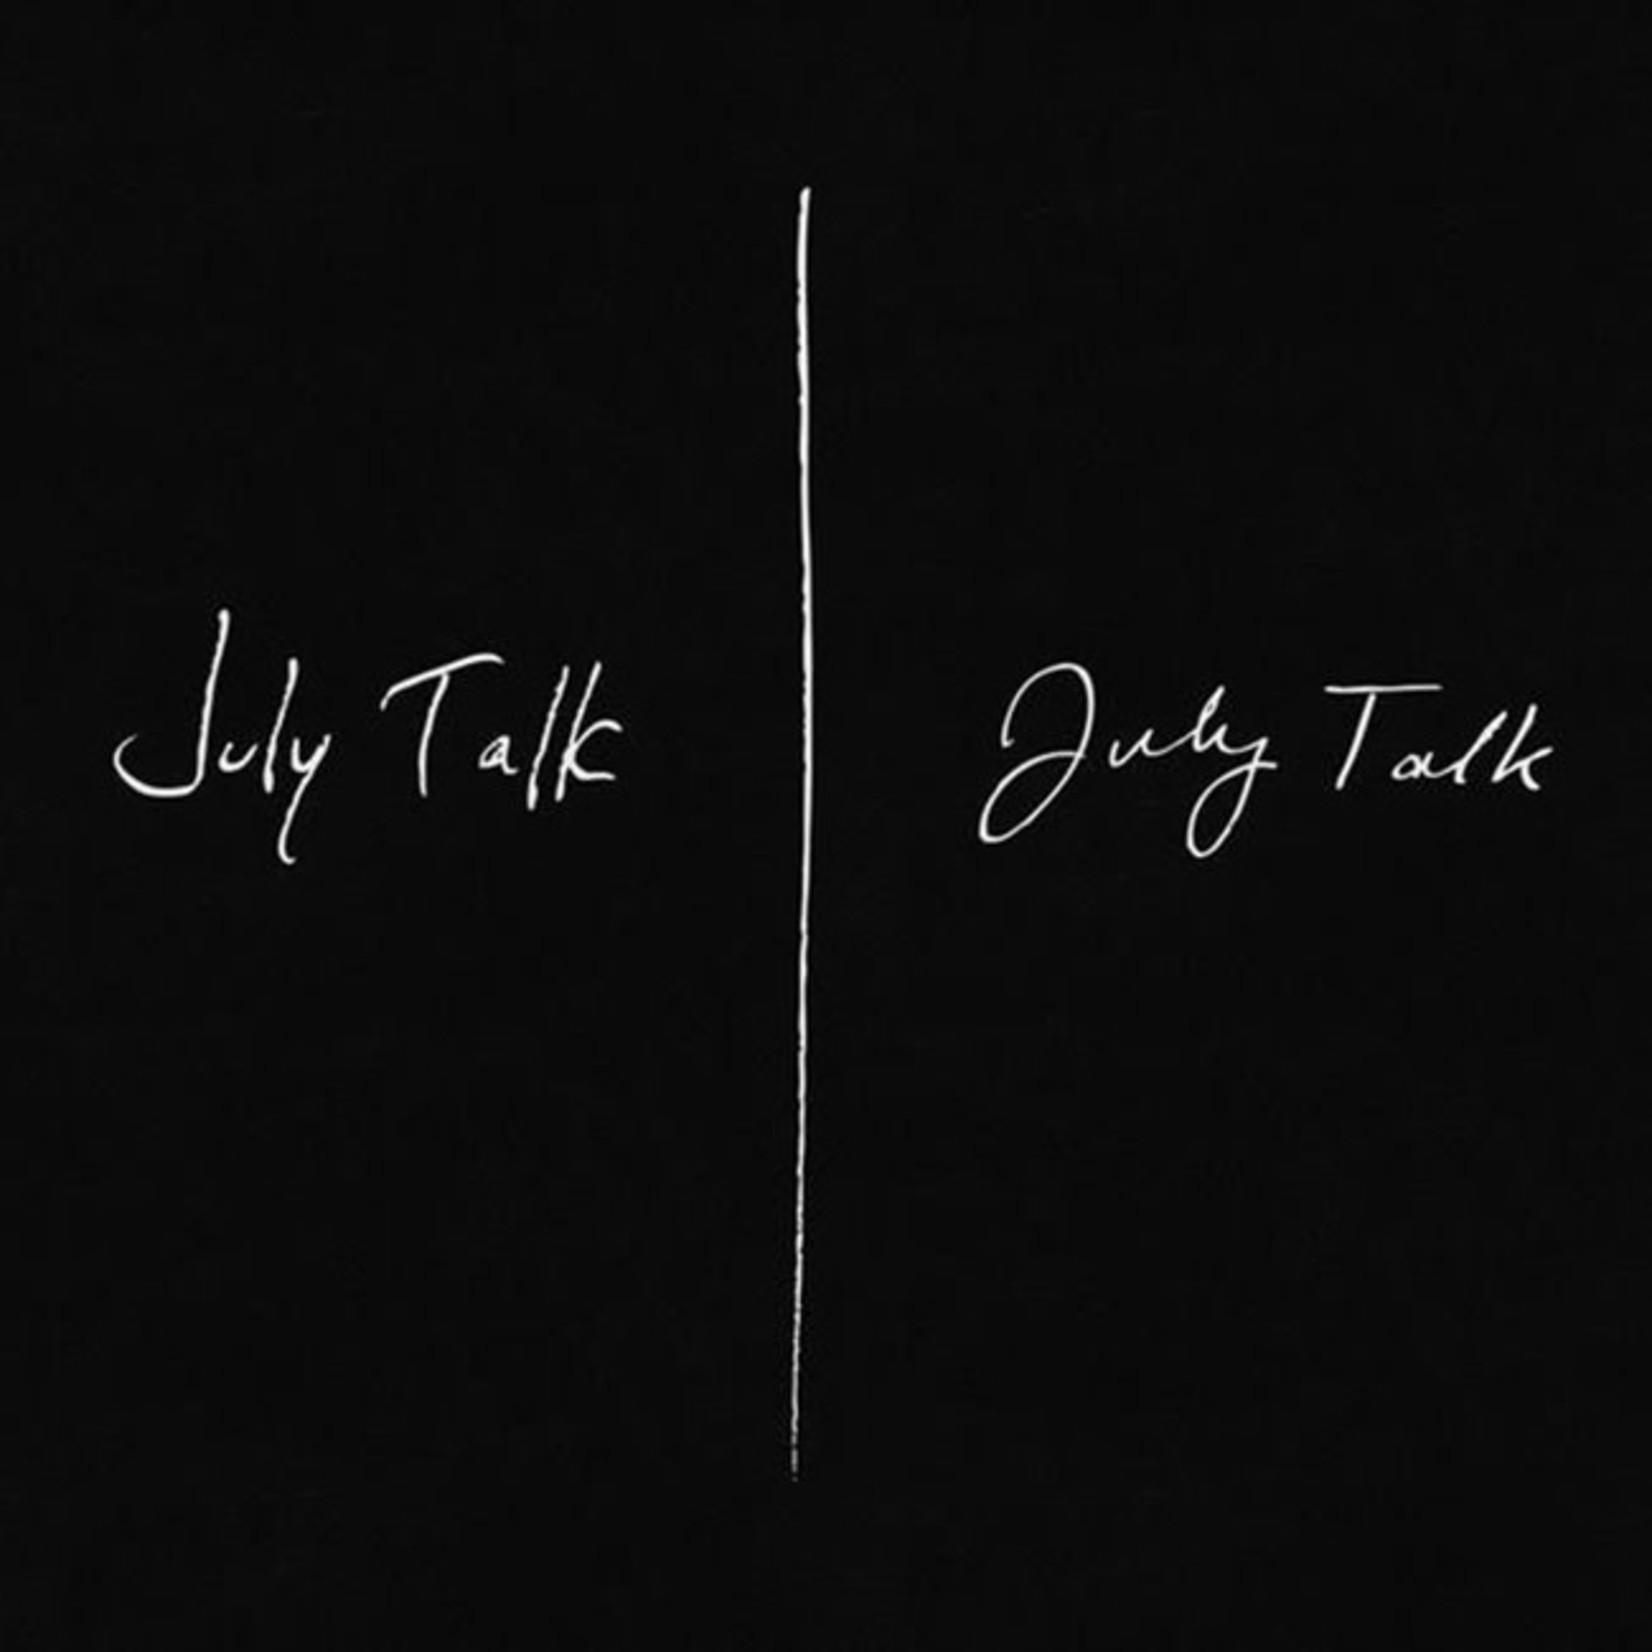 [New] July Talk: July Talk